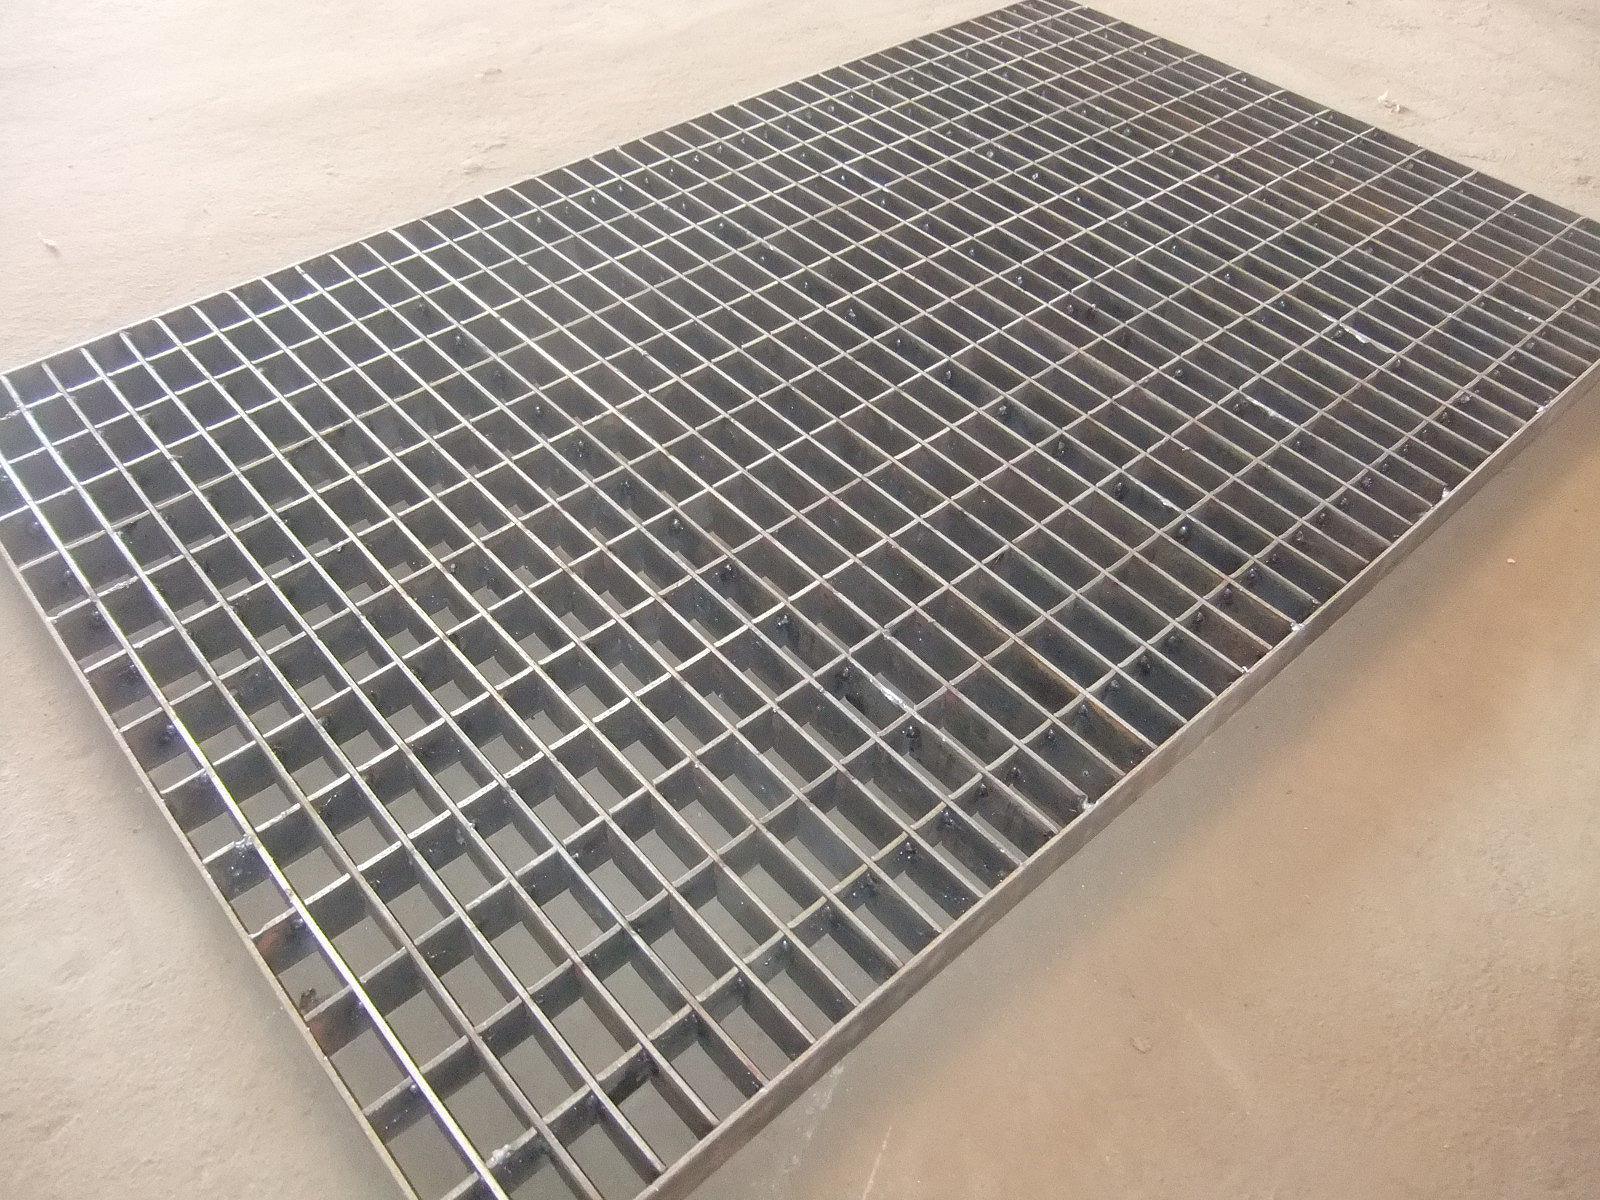 钢格栅板被广泛应用的原因